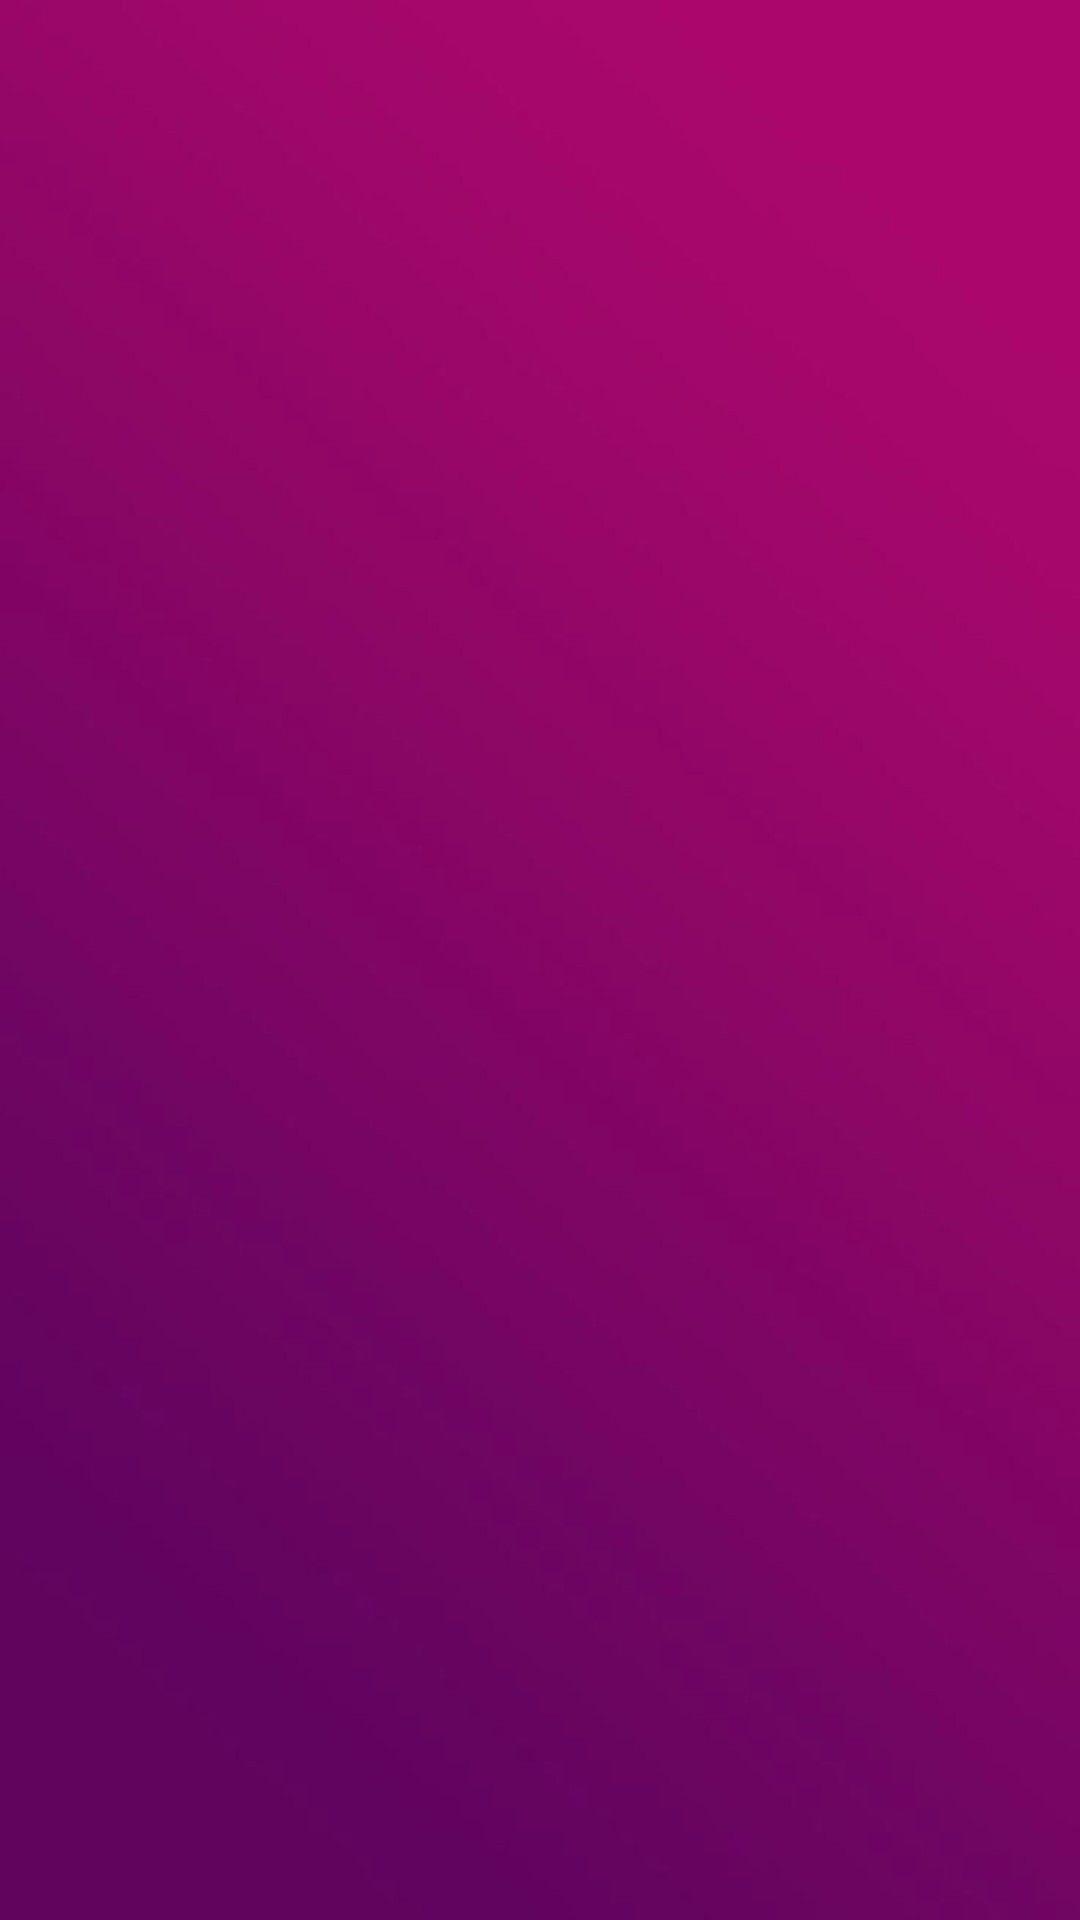 Pingl par eyy up sur minimal pinterest for Fond ecran cellulaire